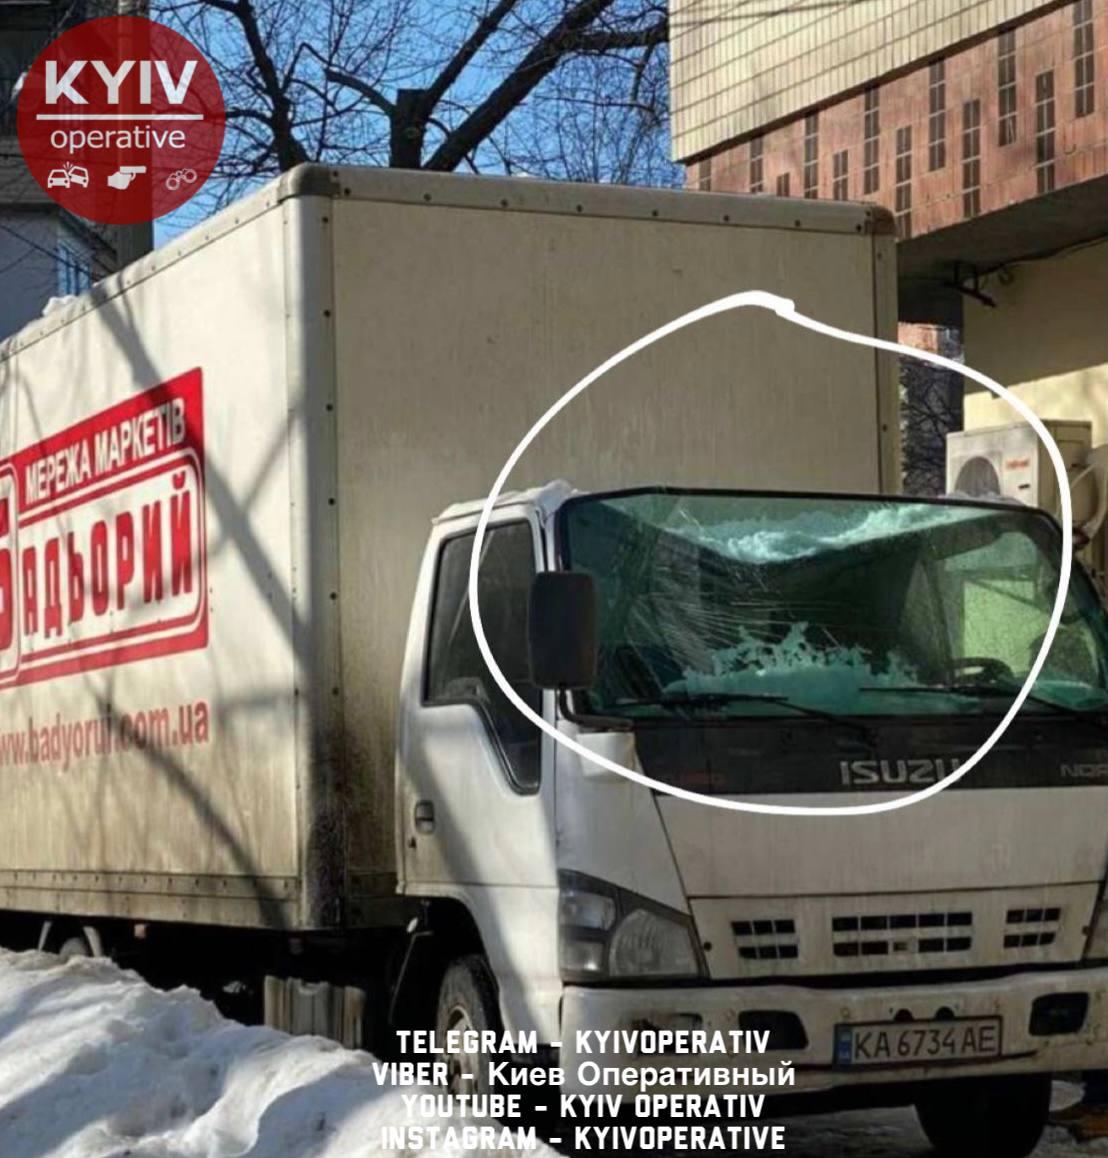 Бережіть транспорт від бурульок: скільки автівок пошкоджено у Києві - Транспорт, сніг, лід, бурульки, автомобіль - photo5305468712024912822 1